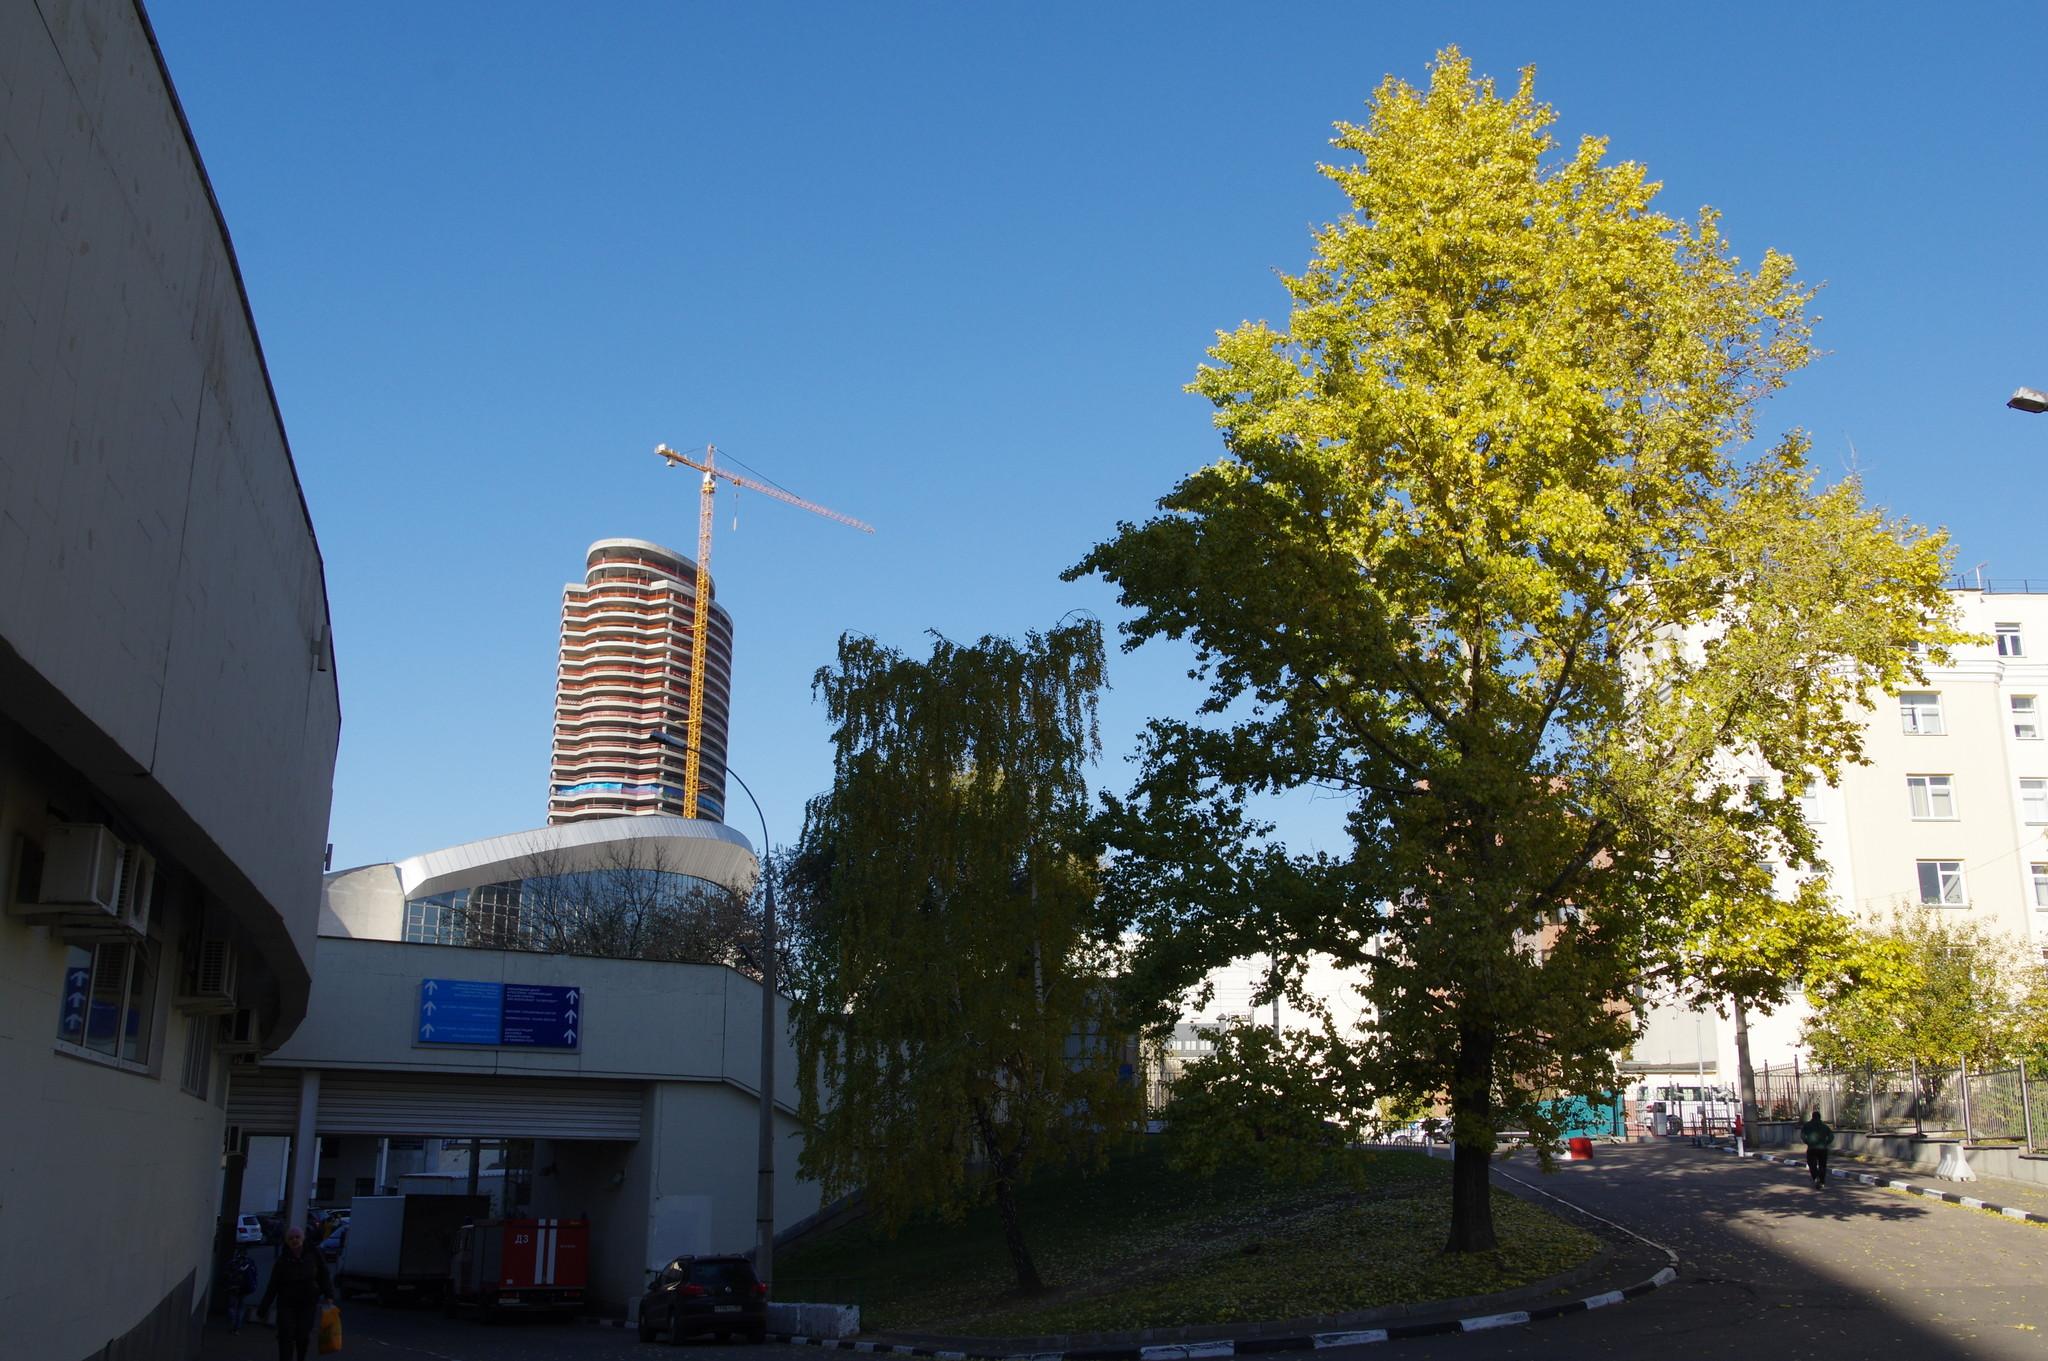 СК «Олимпийский» (Олимпийский проспект, дом 16)